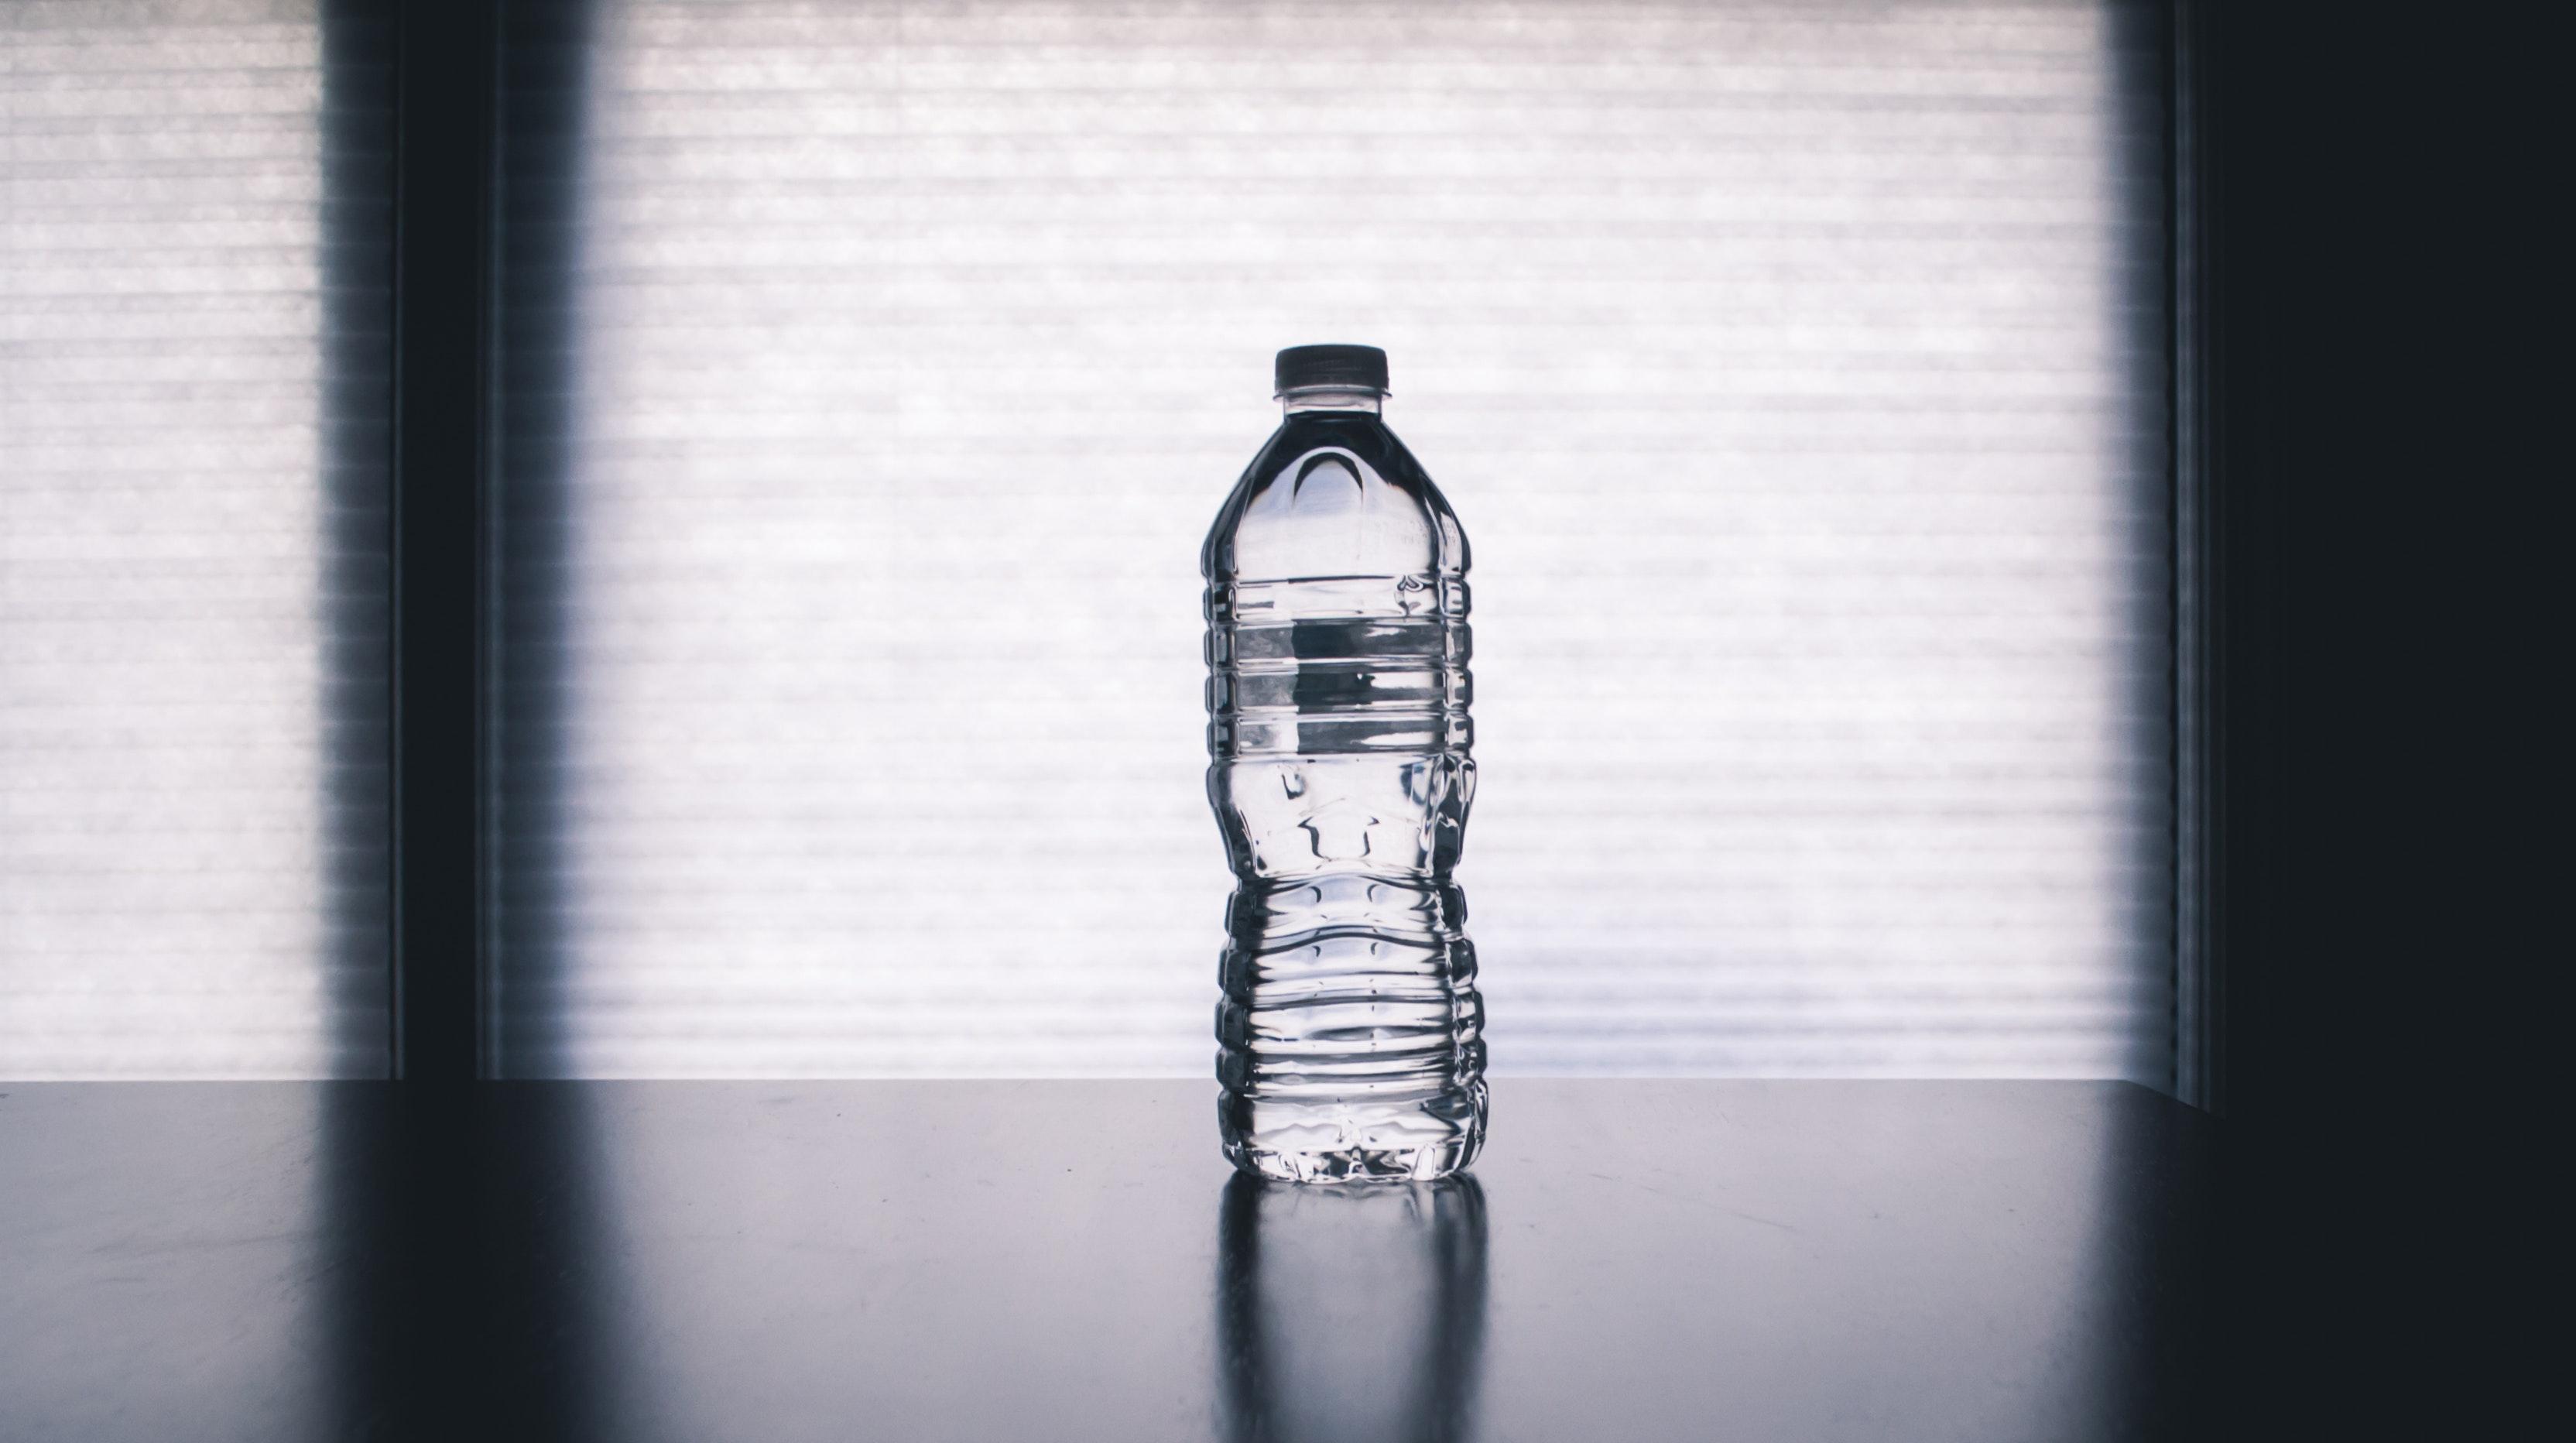 bottle-clean-clear-1000084